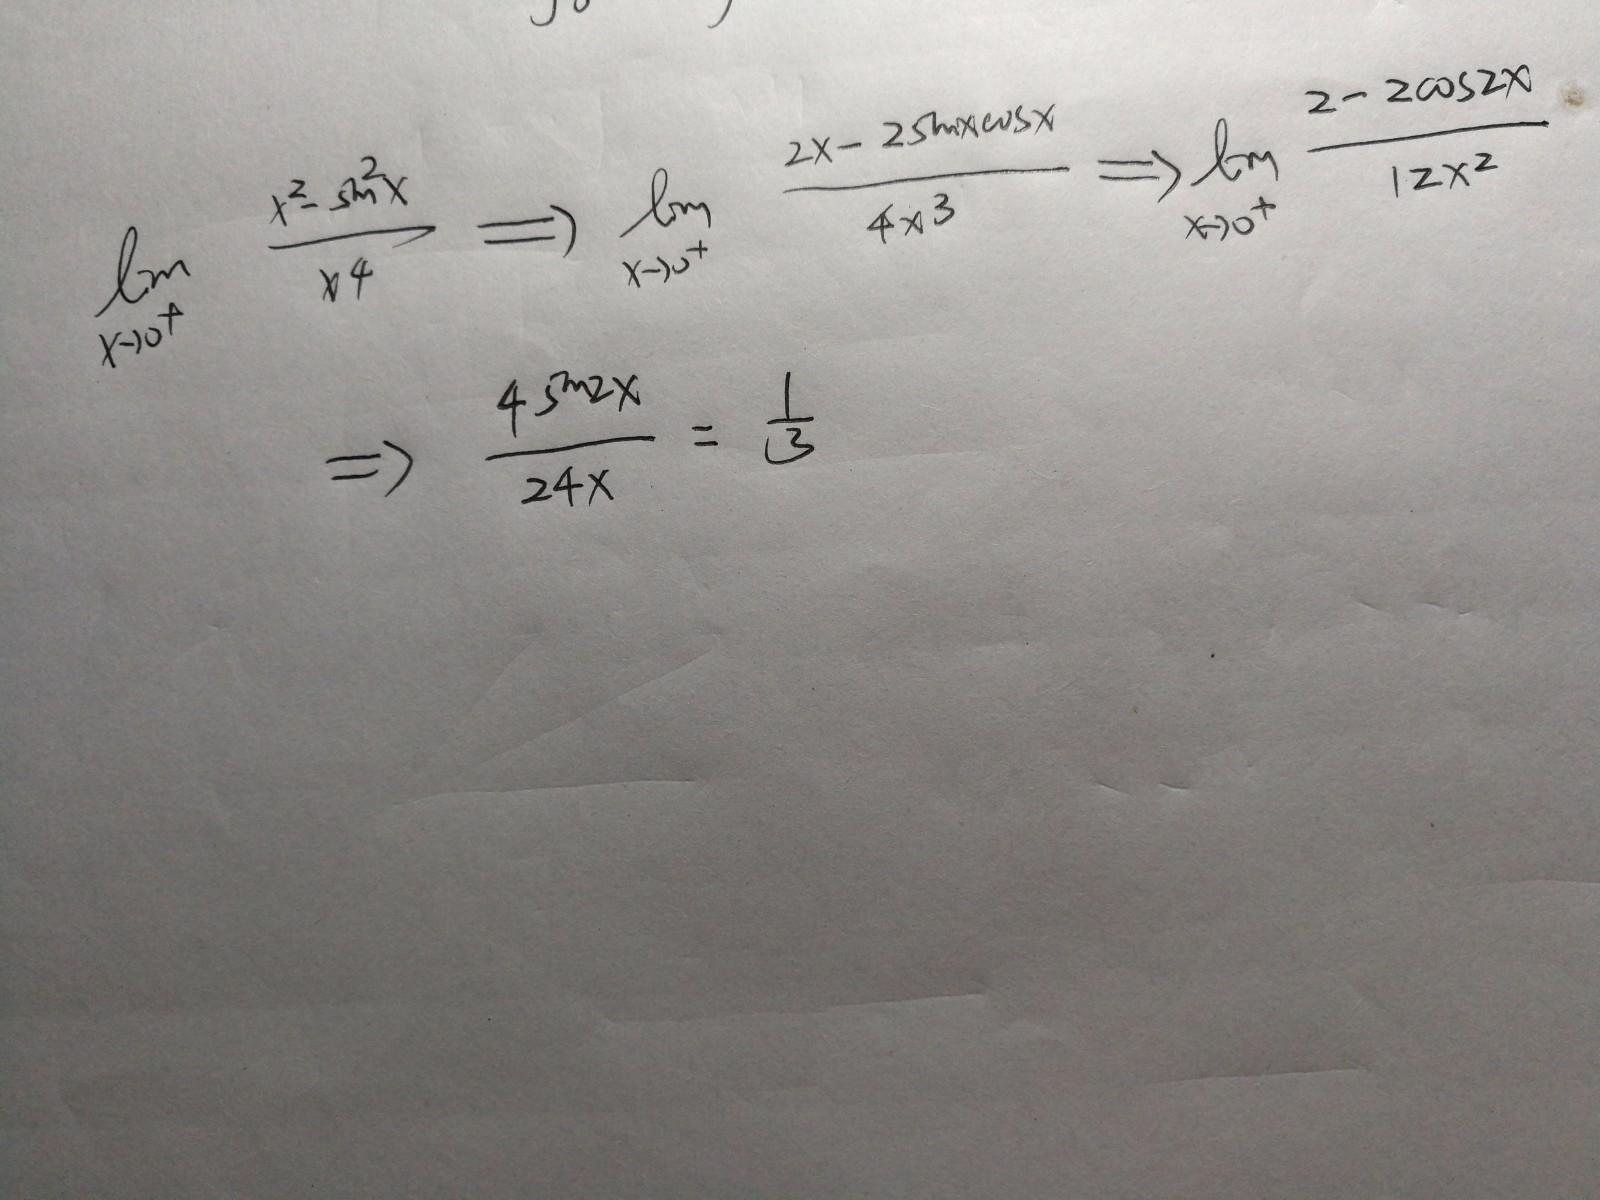 -sin^2x/x^4